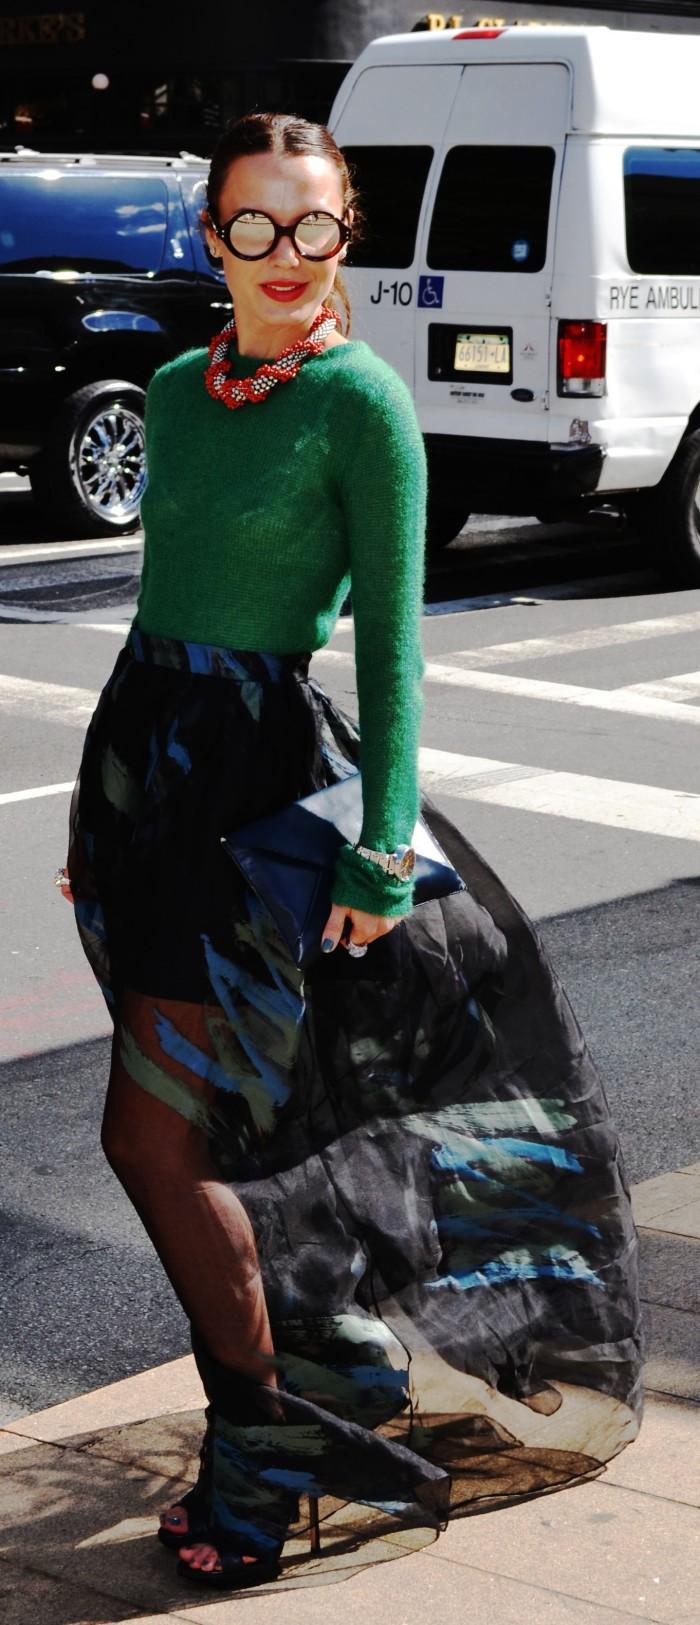 The Green mohair jumper Girl